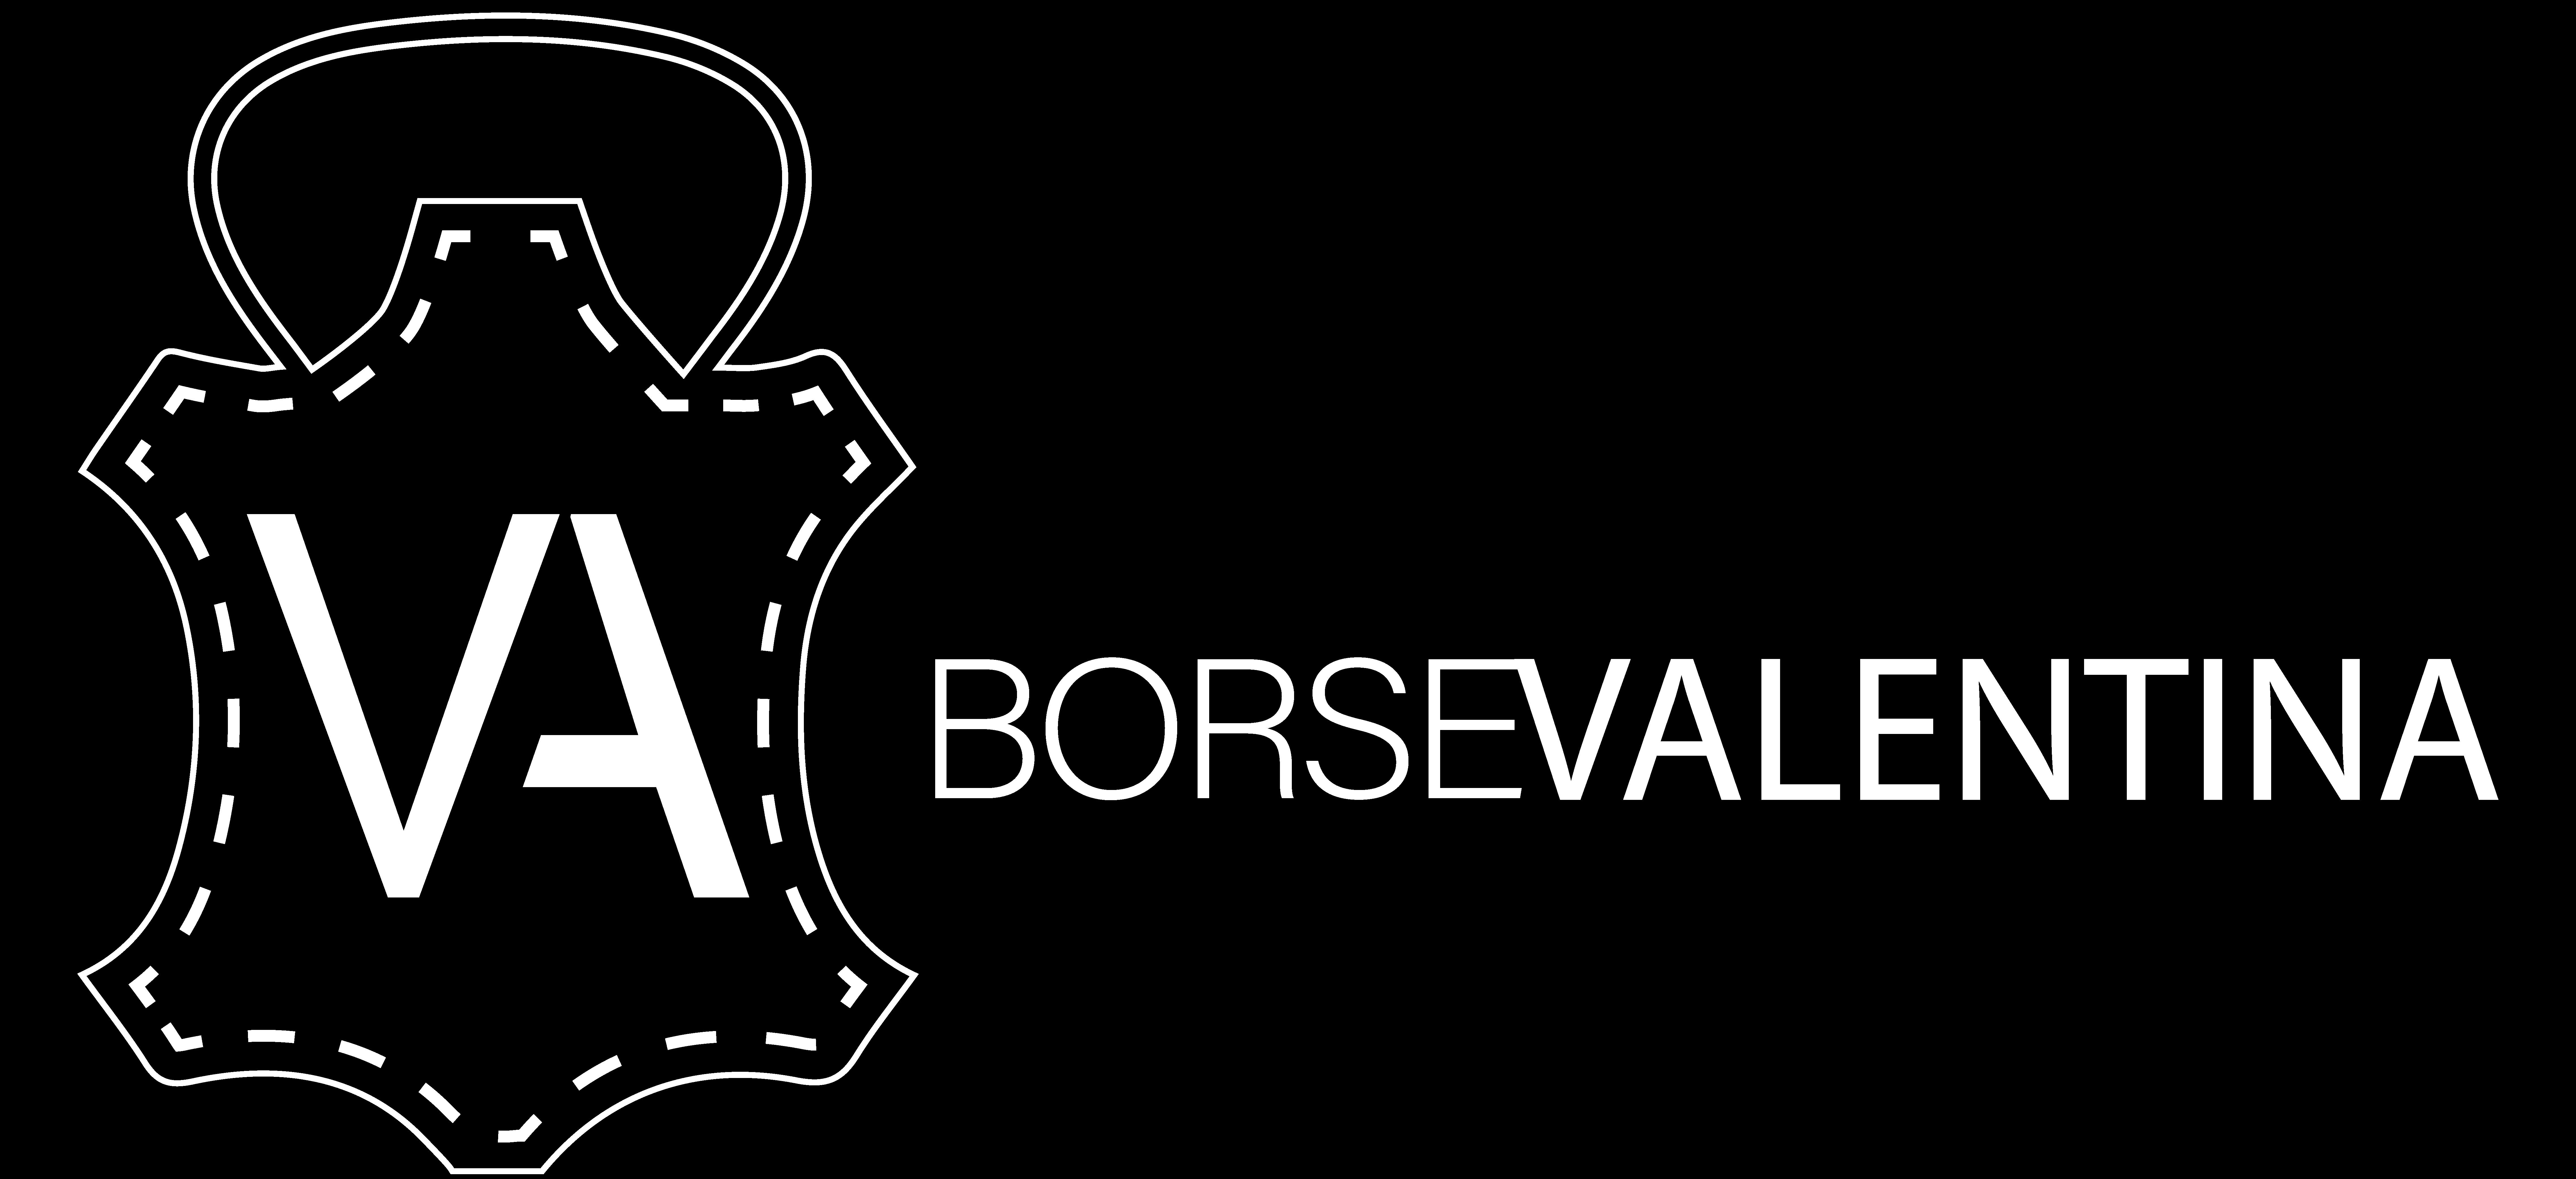 BORSE VALENTINA